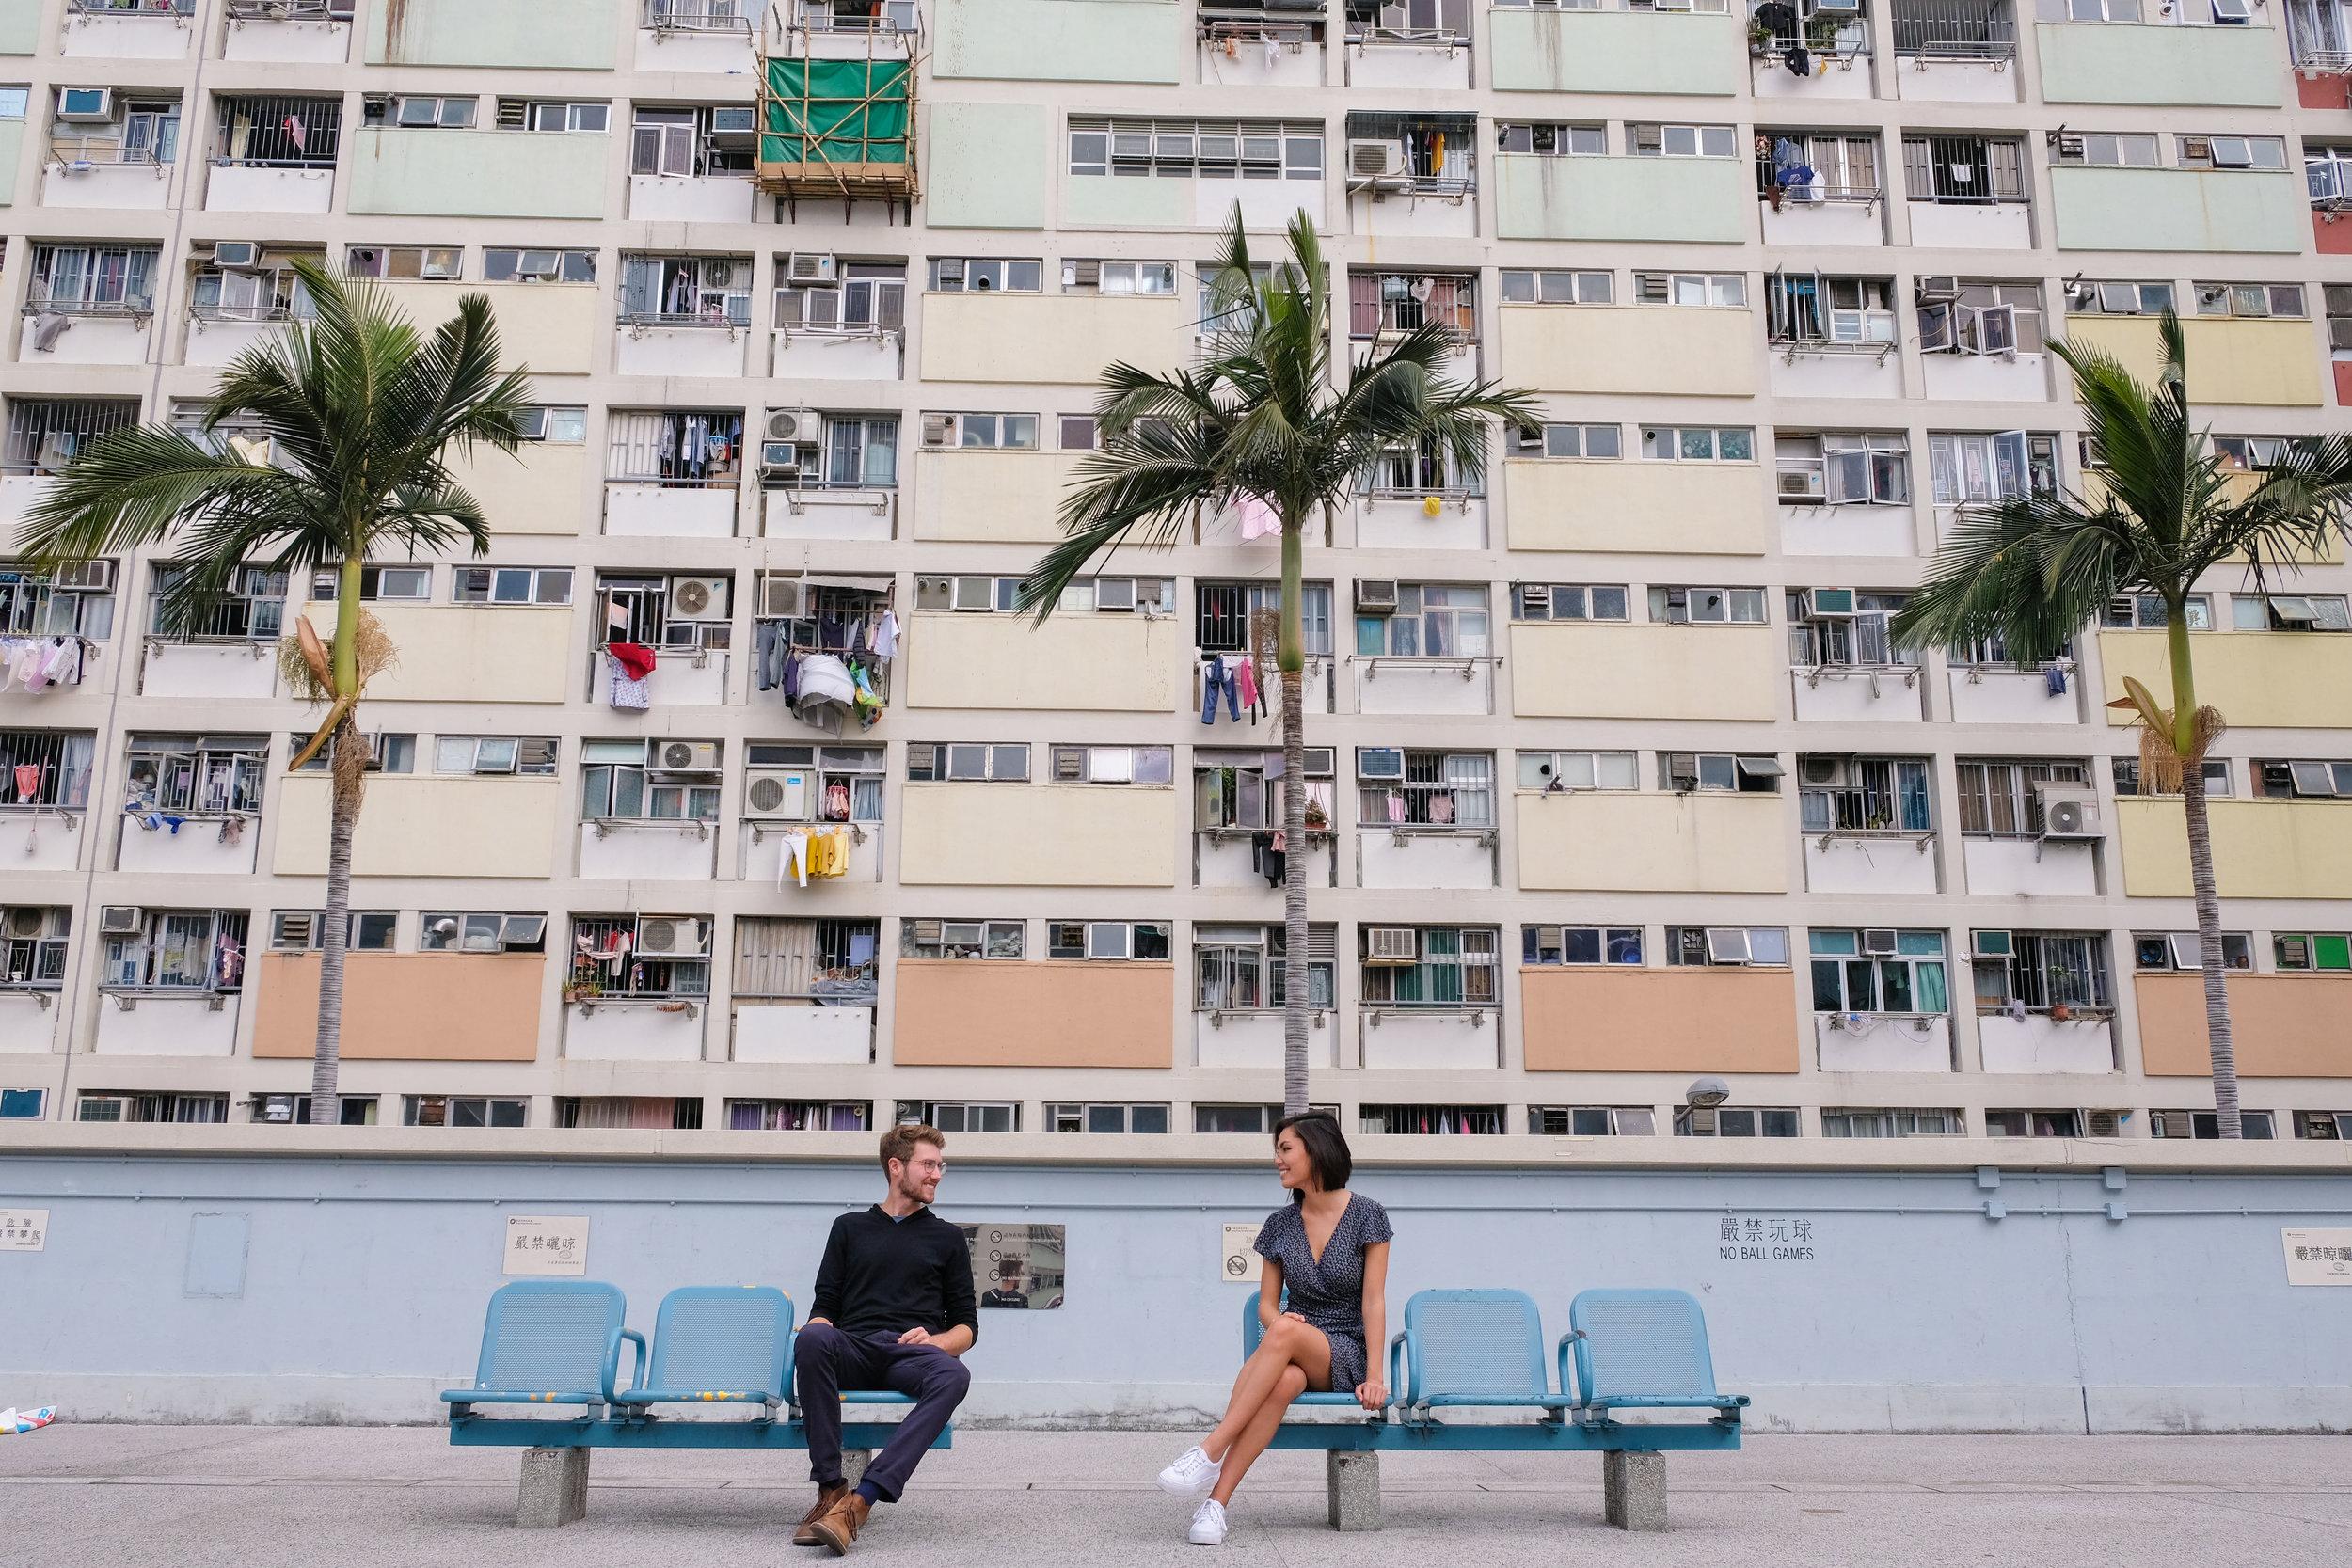 China & Hong Kong: Dim Sum, Disney, And Tandem Bicycles - March 19th, 2018